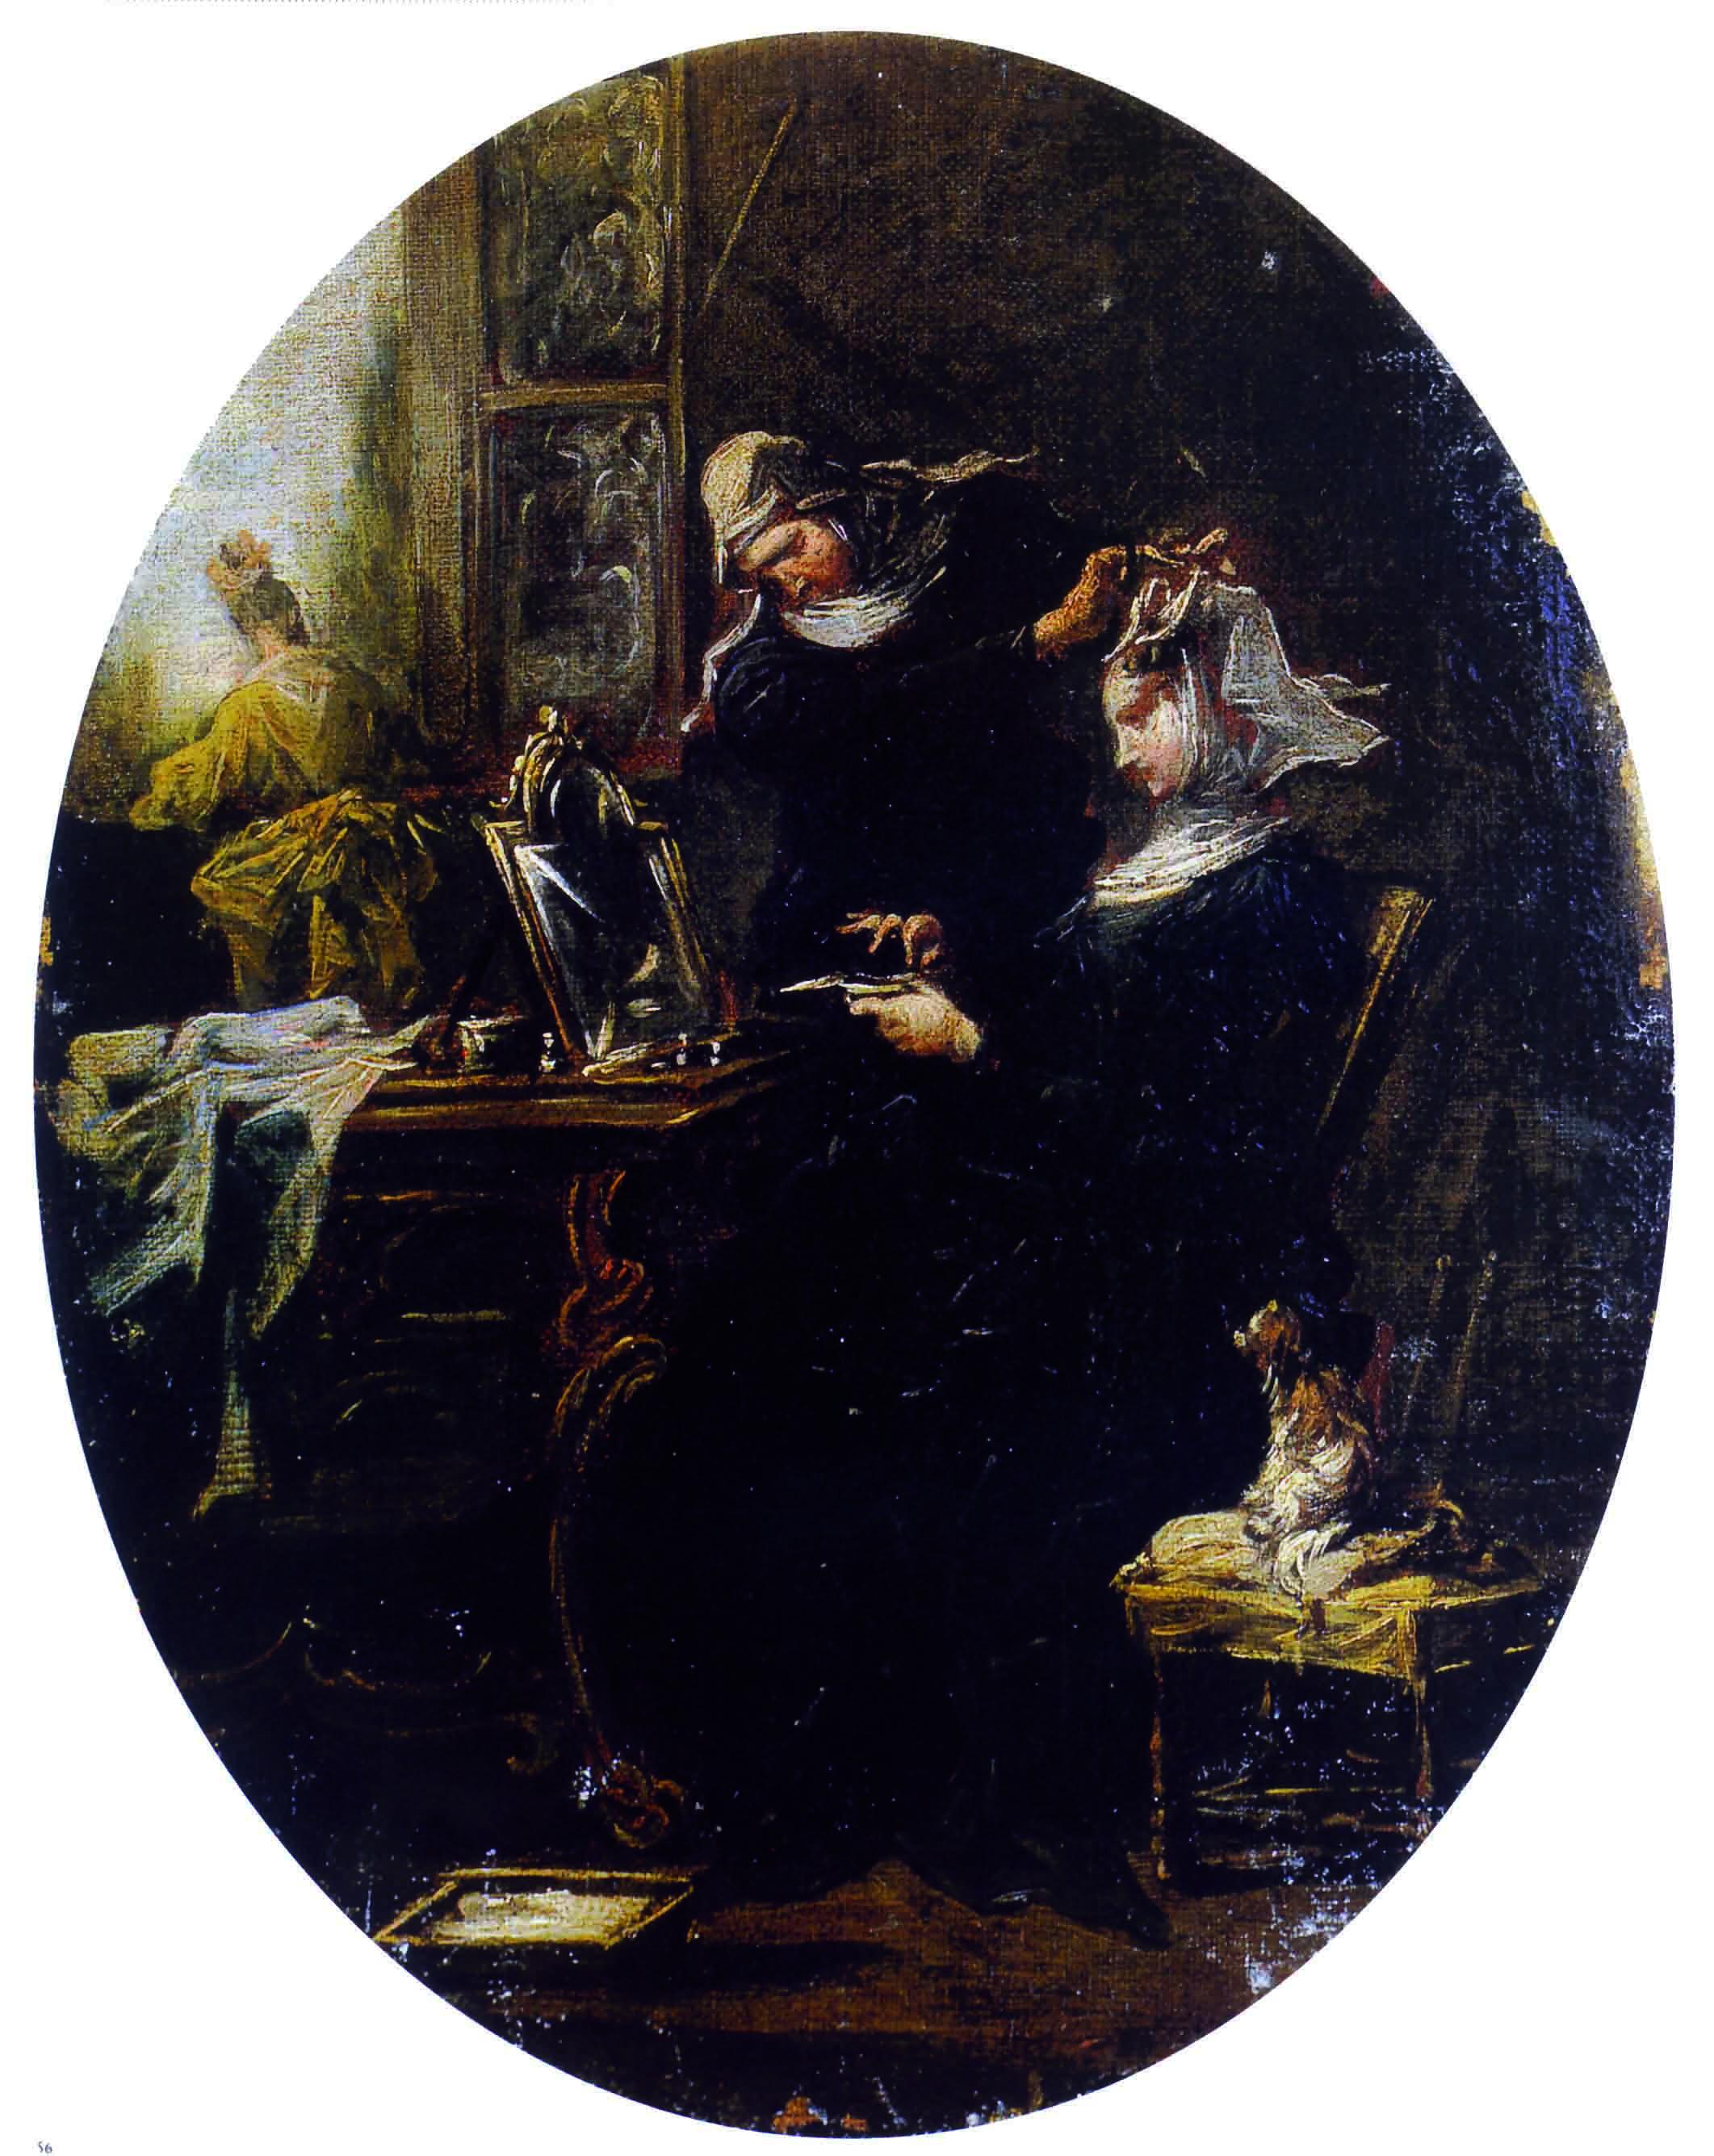 Alessandro Magnasco, L'acconciatura, 1740-45. Seduta di fronte ad uno specchio, una suora si fa sistemare l'acconciatura. La vanità delle protagoniste non è decisamente appropriata all'abito monacale: un abito immaginario, inventato dall'artista per non incorrere nelle ire degli ordini religiosi